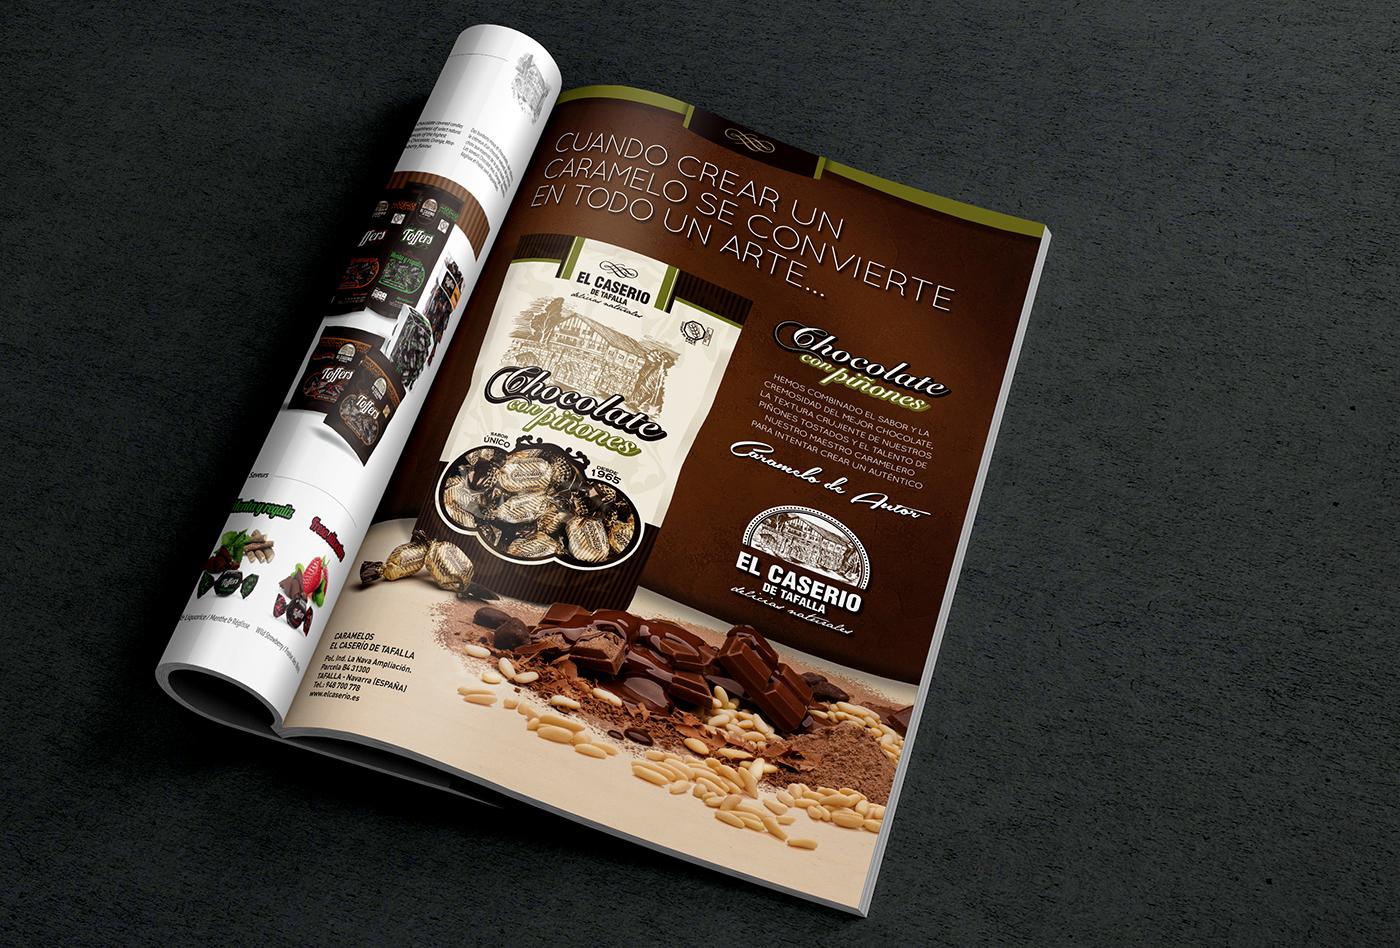 Chocolate y piñones - El Caserío